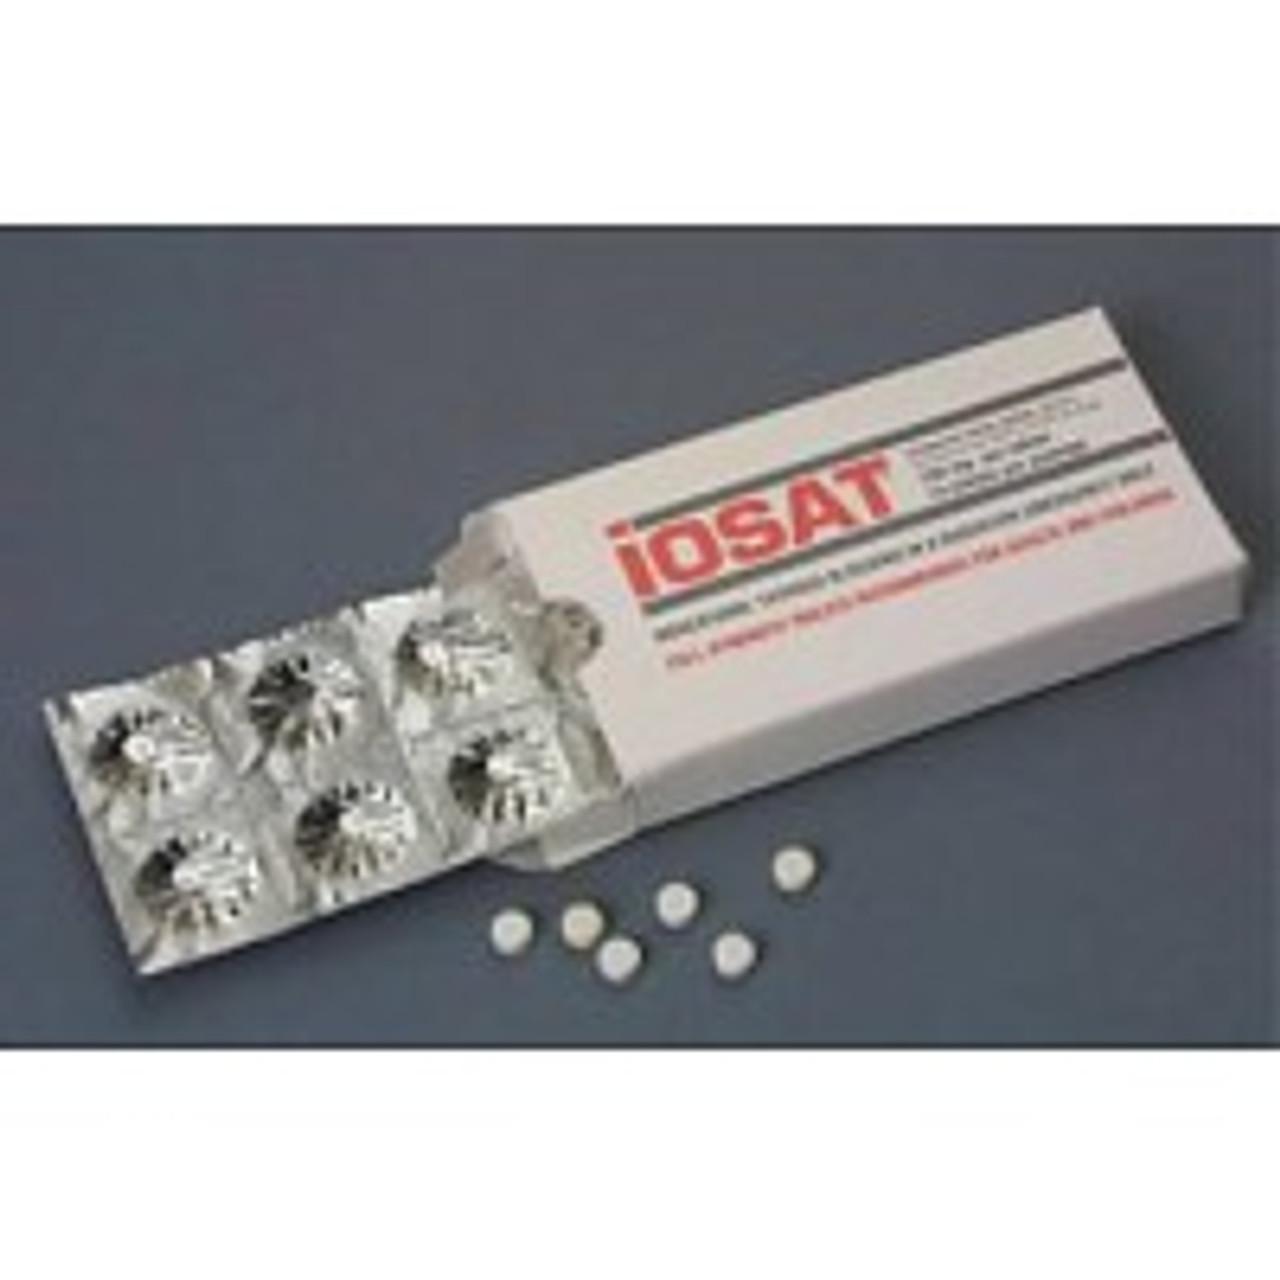 IOSAT Potassium Iodide - 28 Pak of 14 Tablets